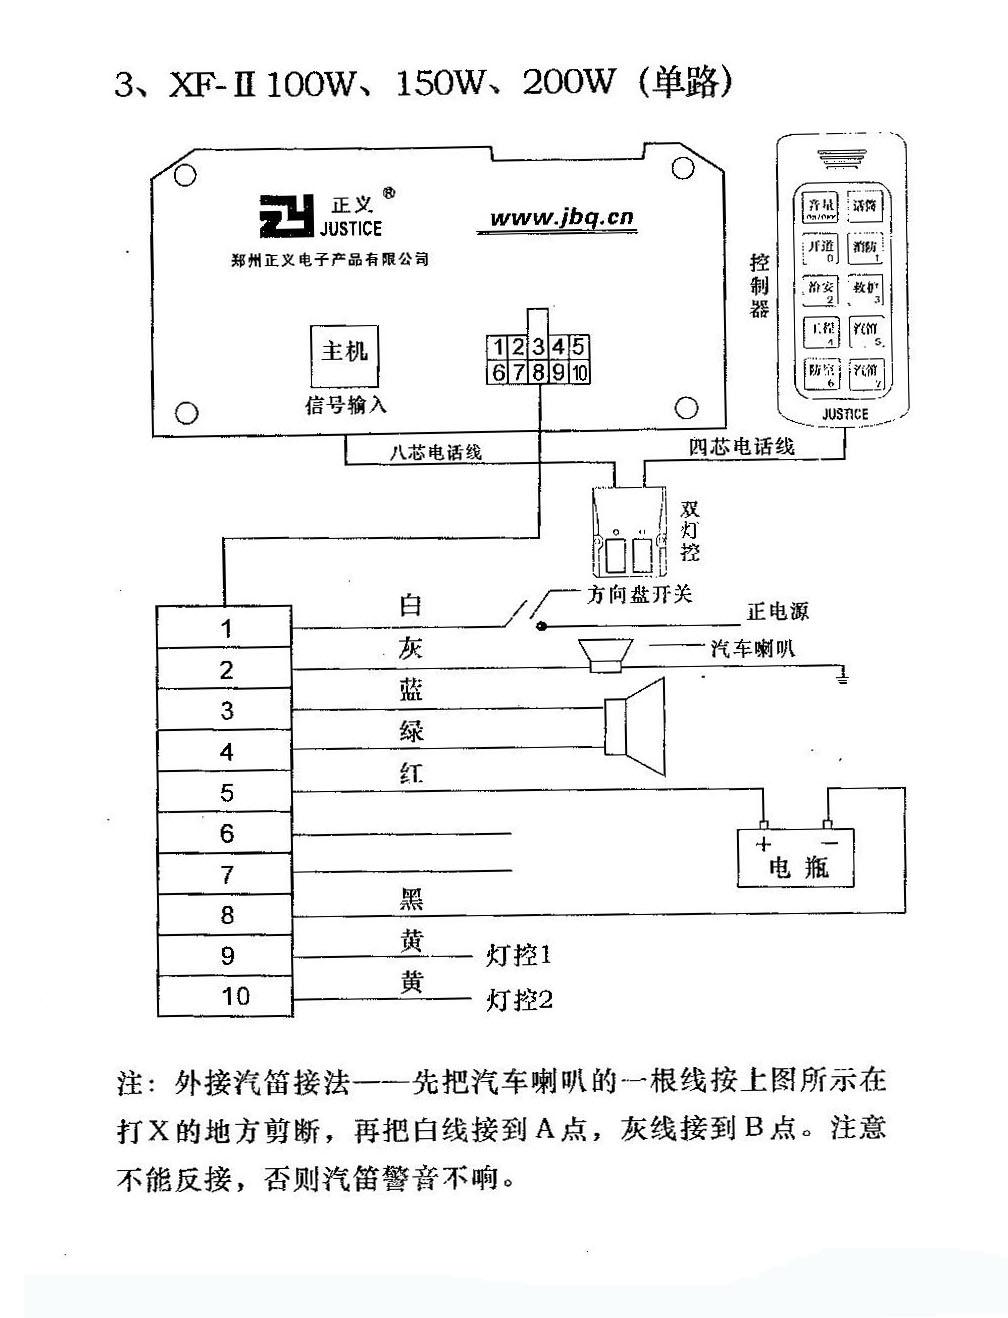 先锋N型接线图 100W 150W 200W 单路-说明书-产品展示-河南正义警用装备有限公司